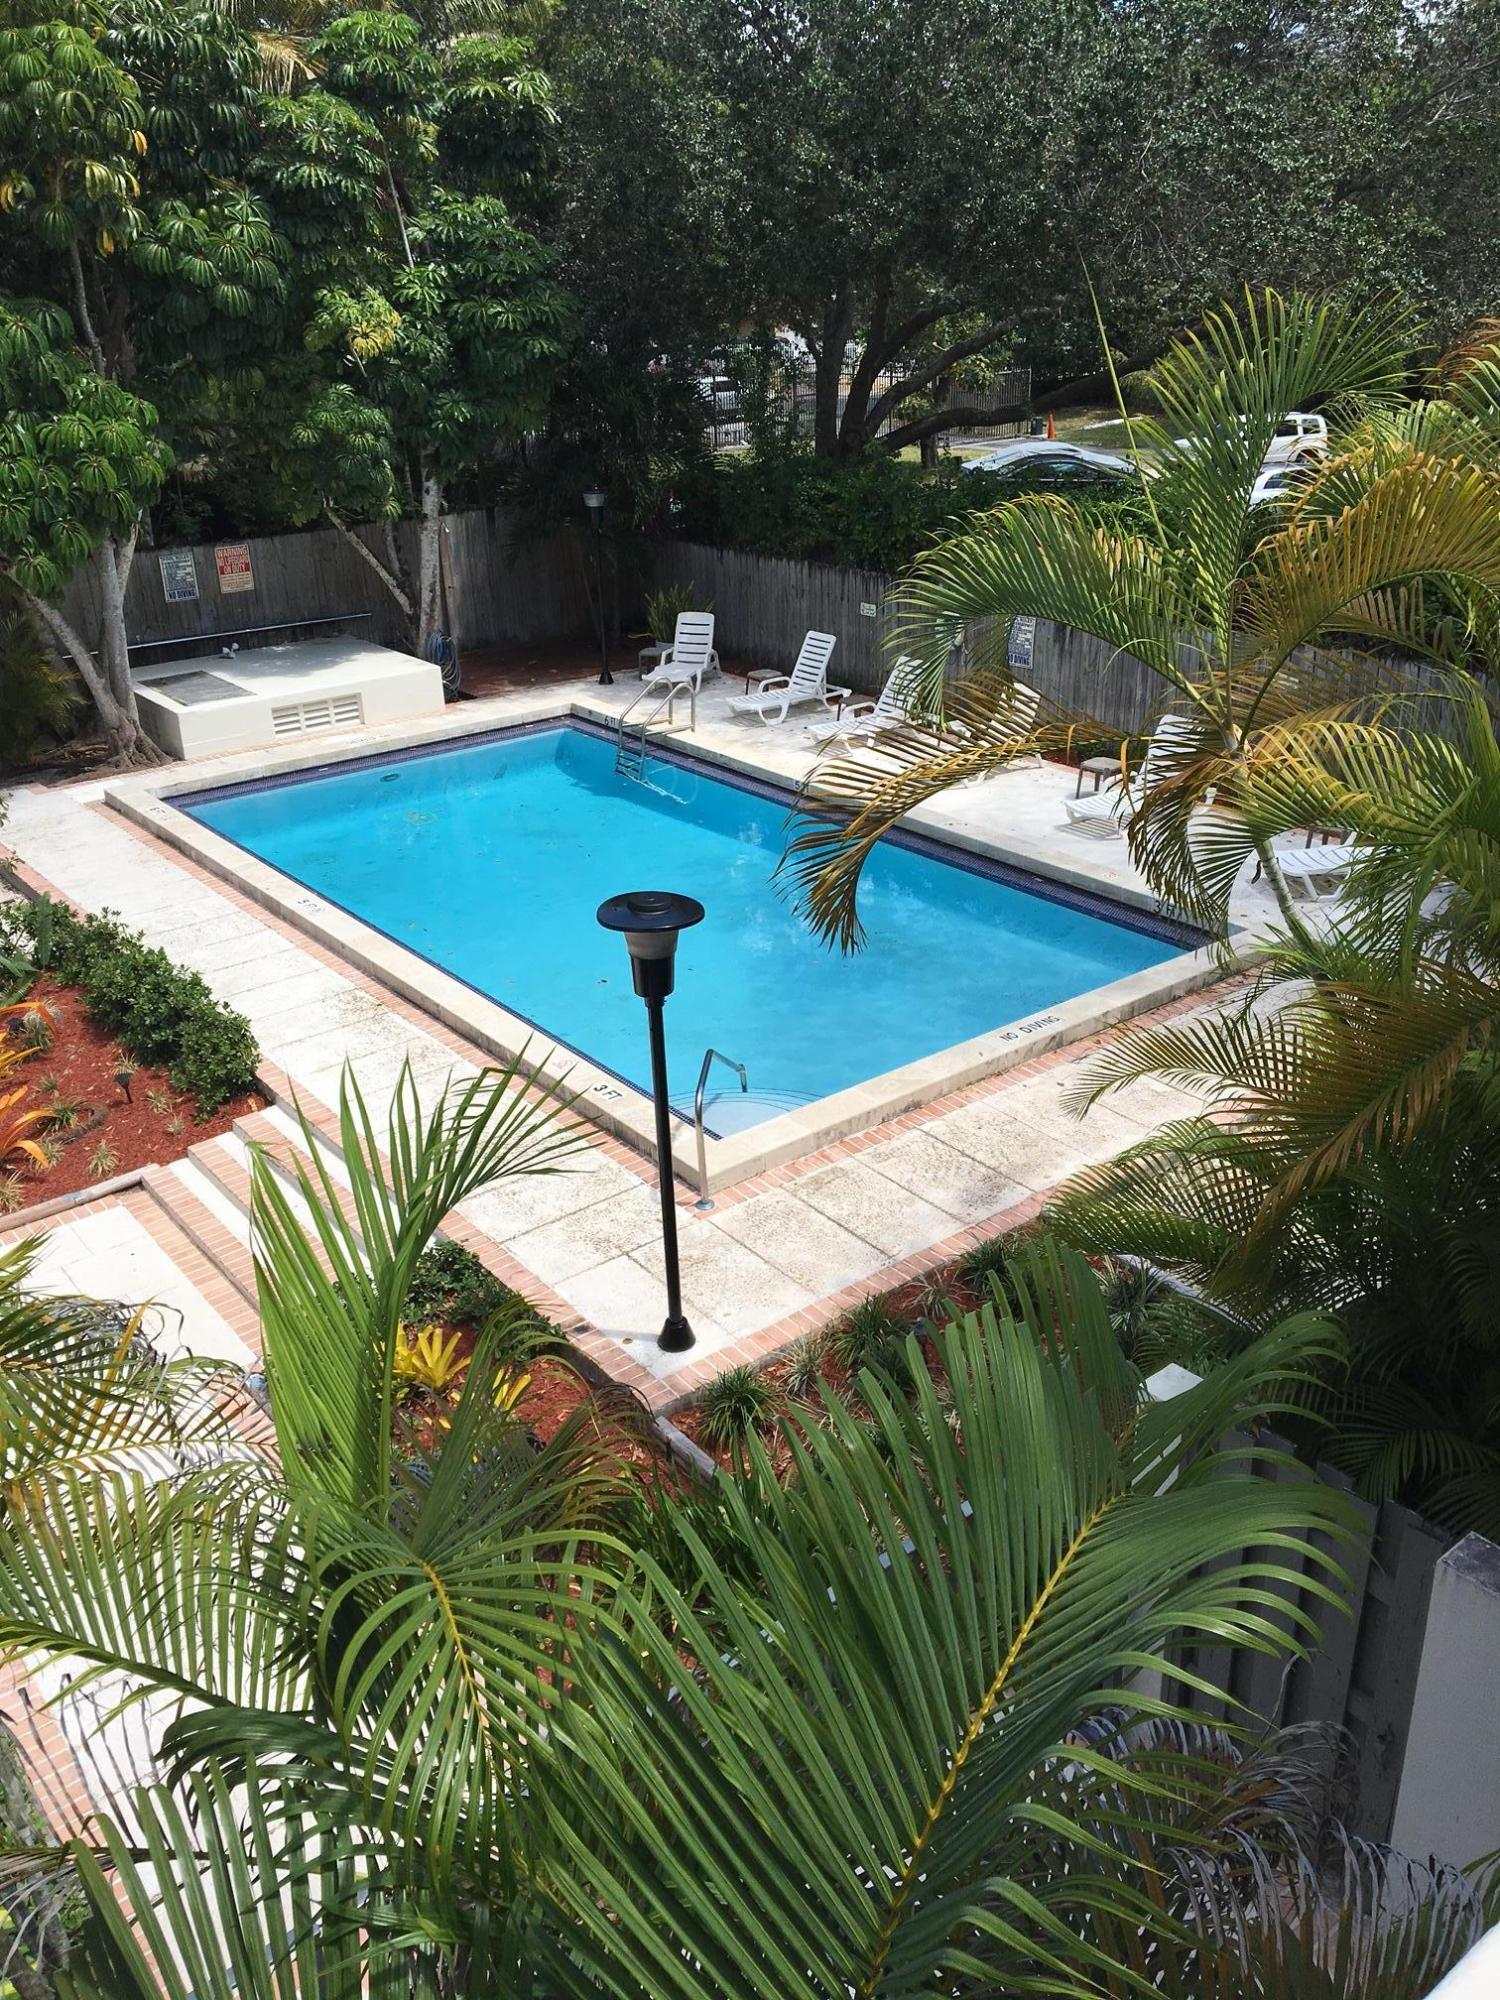 2545 S Bayshore Drive 312 Miami, FL 33133 Miami FL 33133